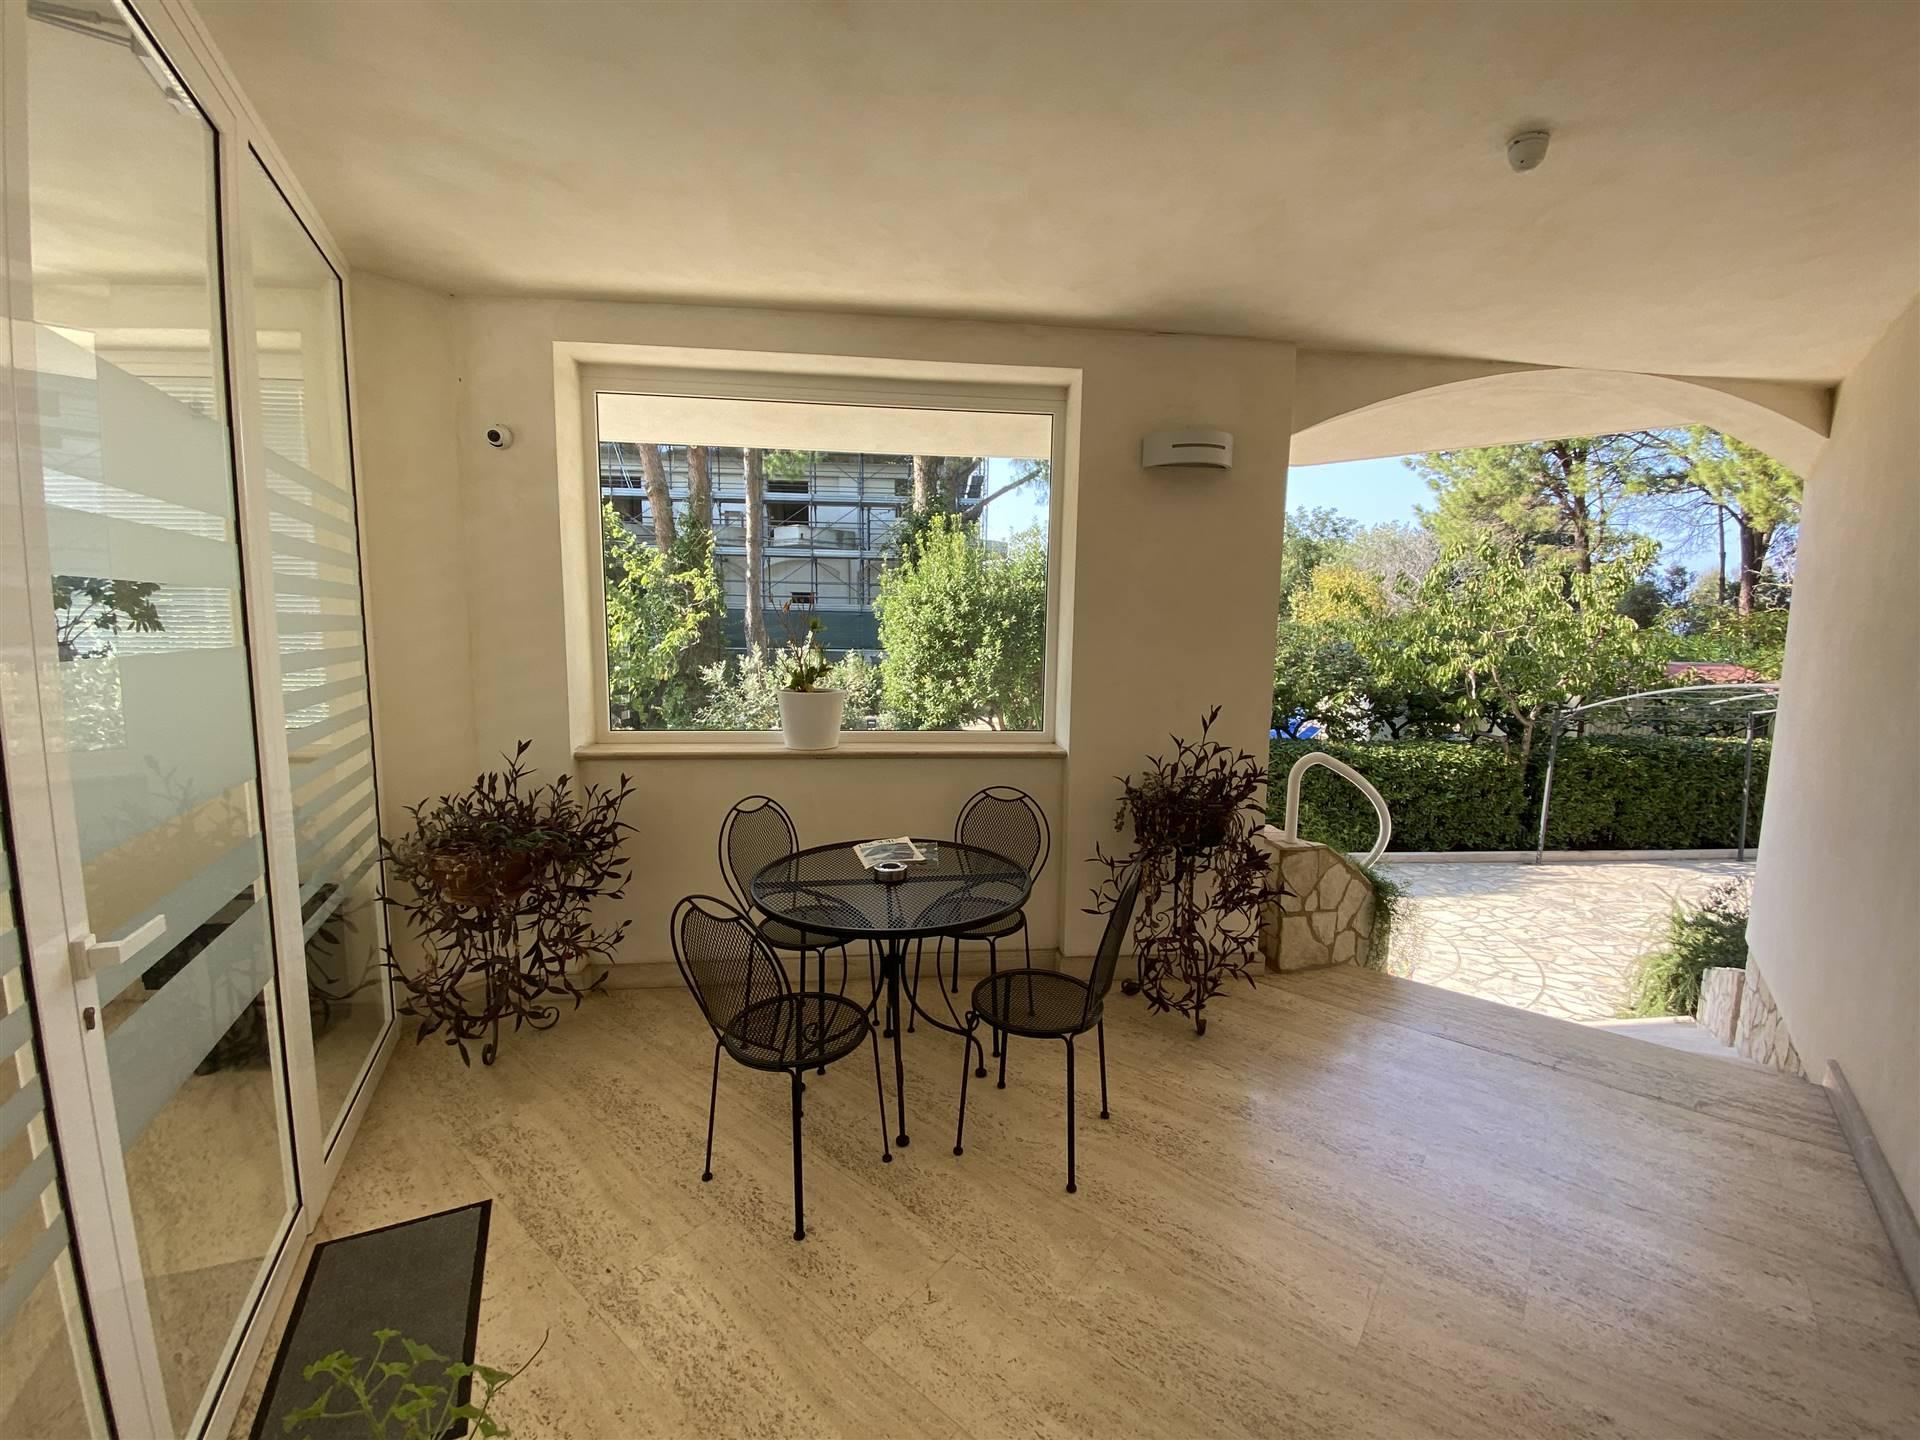 Appartamento in affitto a Vasto, 3 locali, zona Zona: Vasto Marina, prezzo € 900 | CambioCasa.it